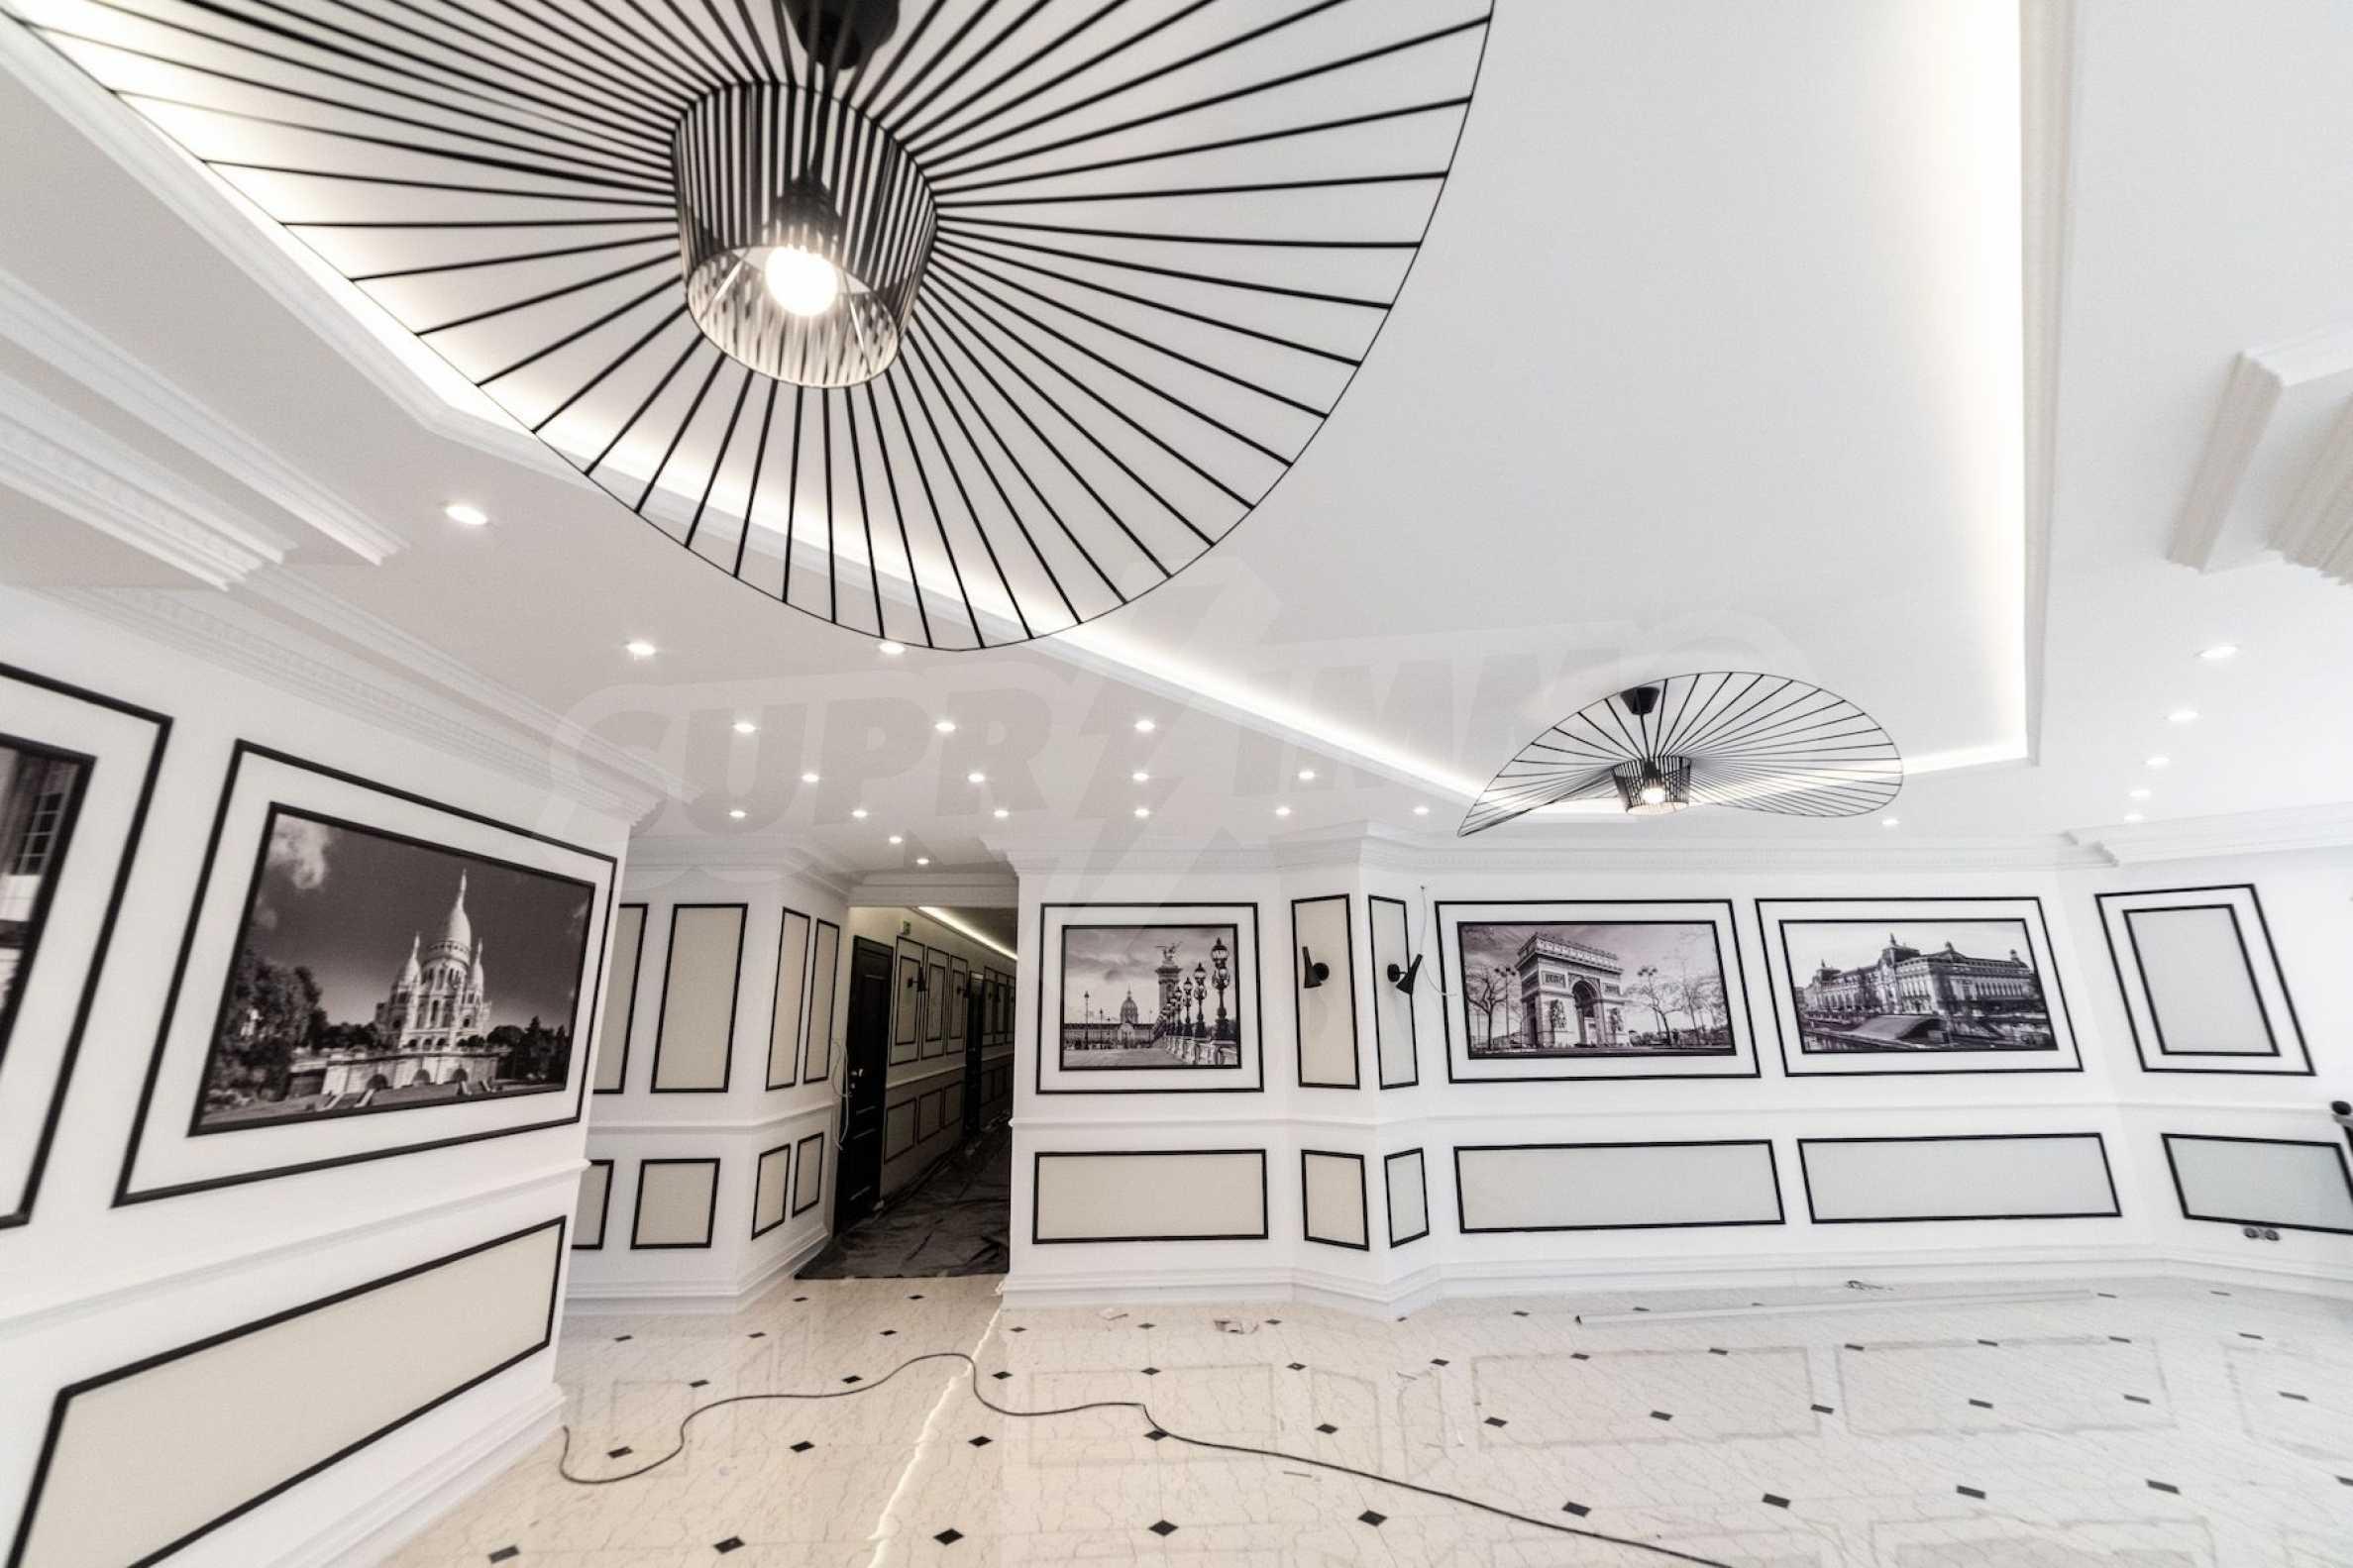 Erstklassige Apartments  zum TOP-Preis ab 890 €/m² im Komplex im Stil der französischen Renaissance (Akt 16)